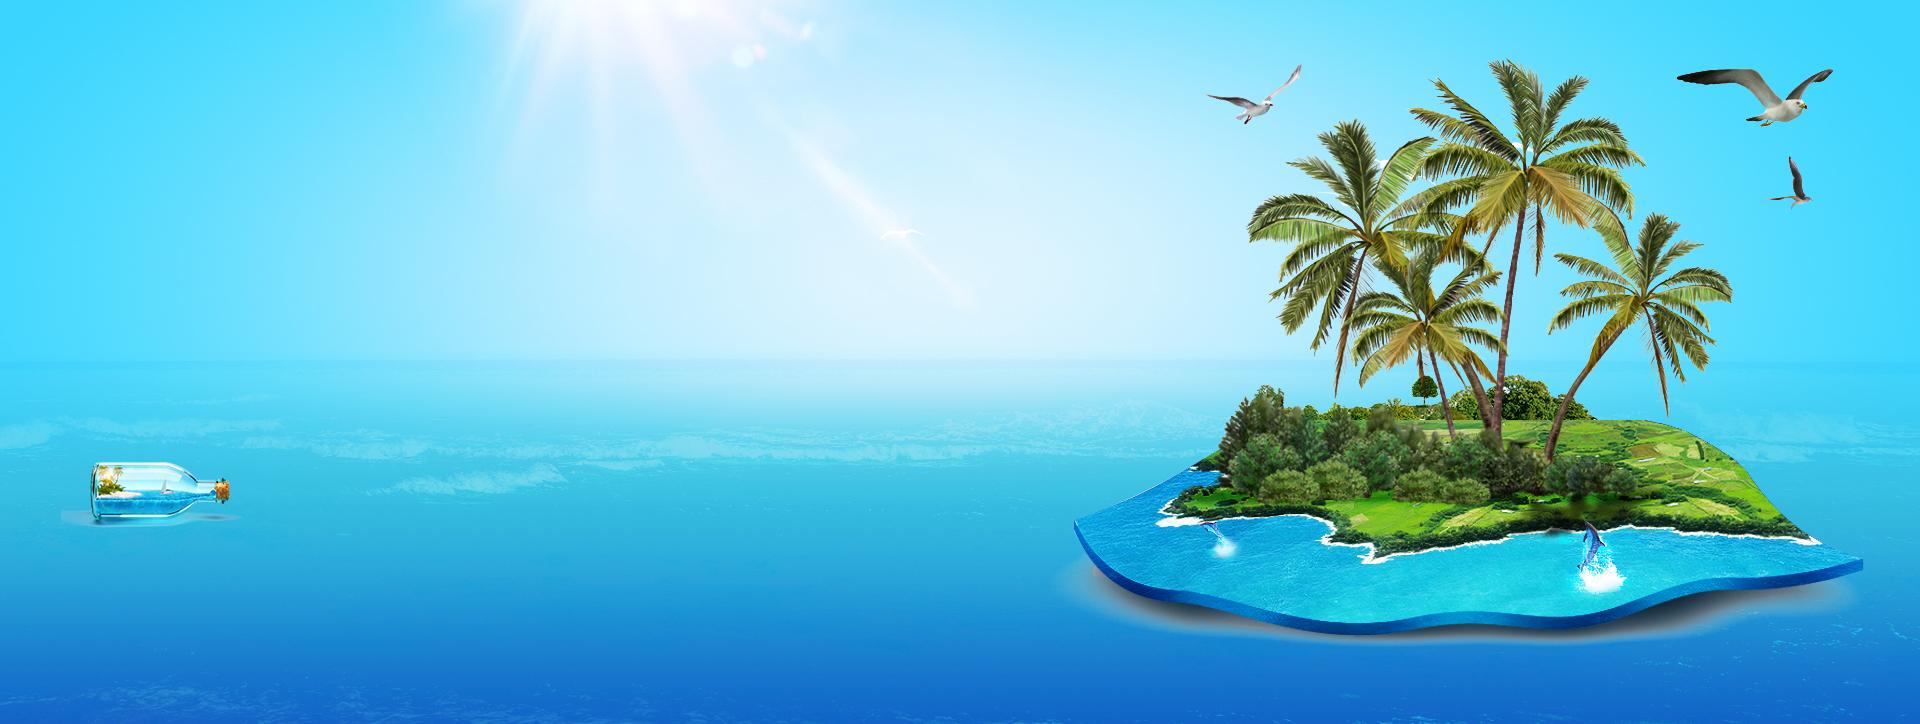 archipel plage mer ocean contexte de l u0026 39 eau turquoise la